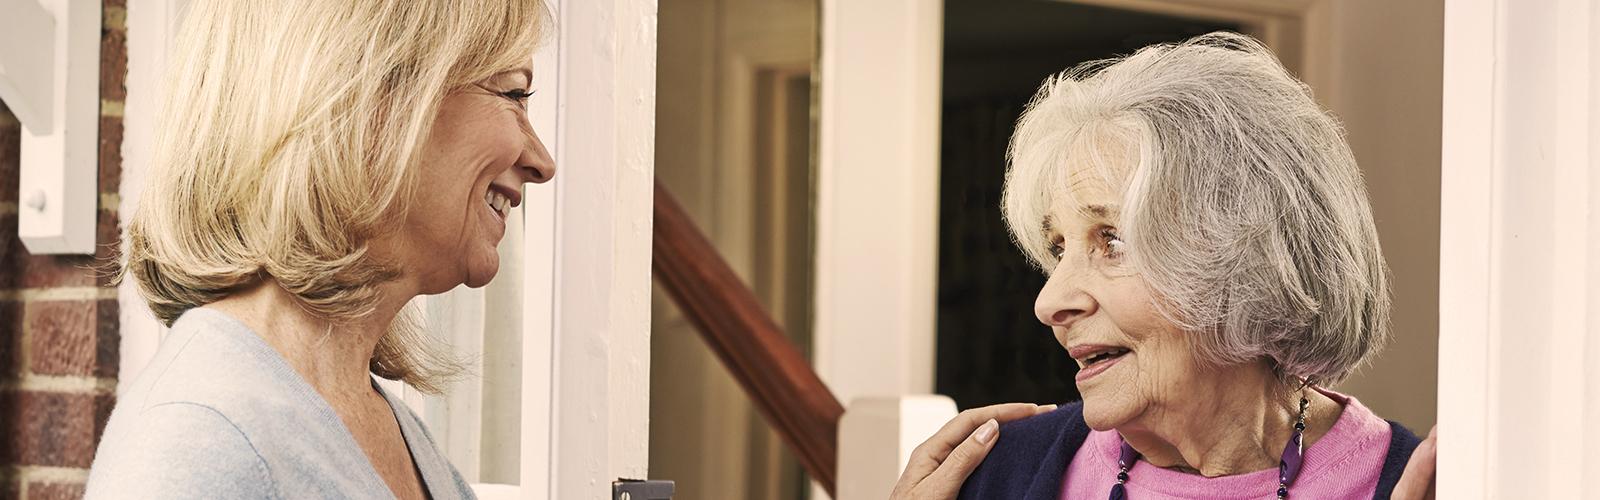 Mladšia žena zdraví staršiu ženu – začiatok vašej opatrovateľskej cesty